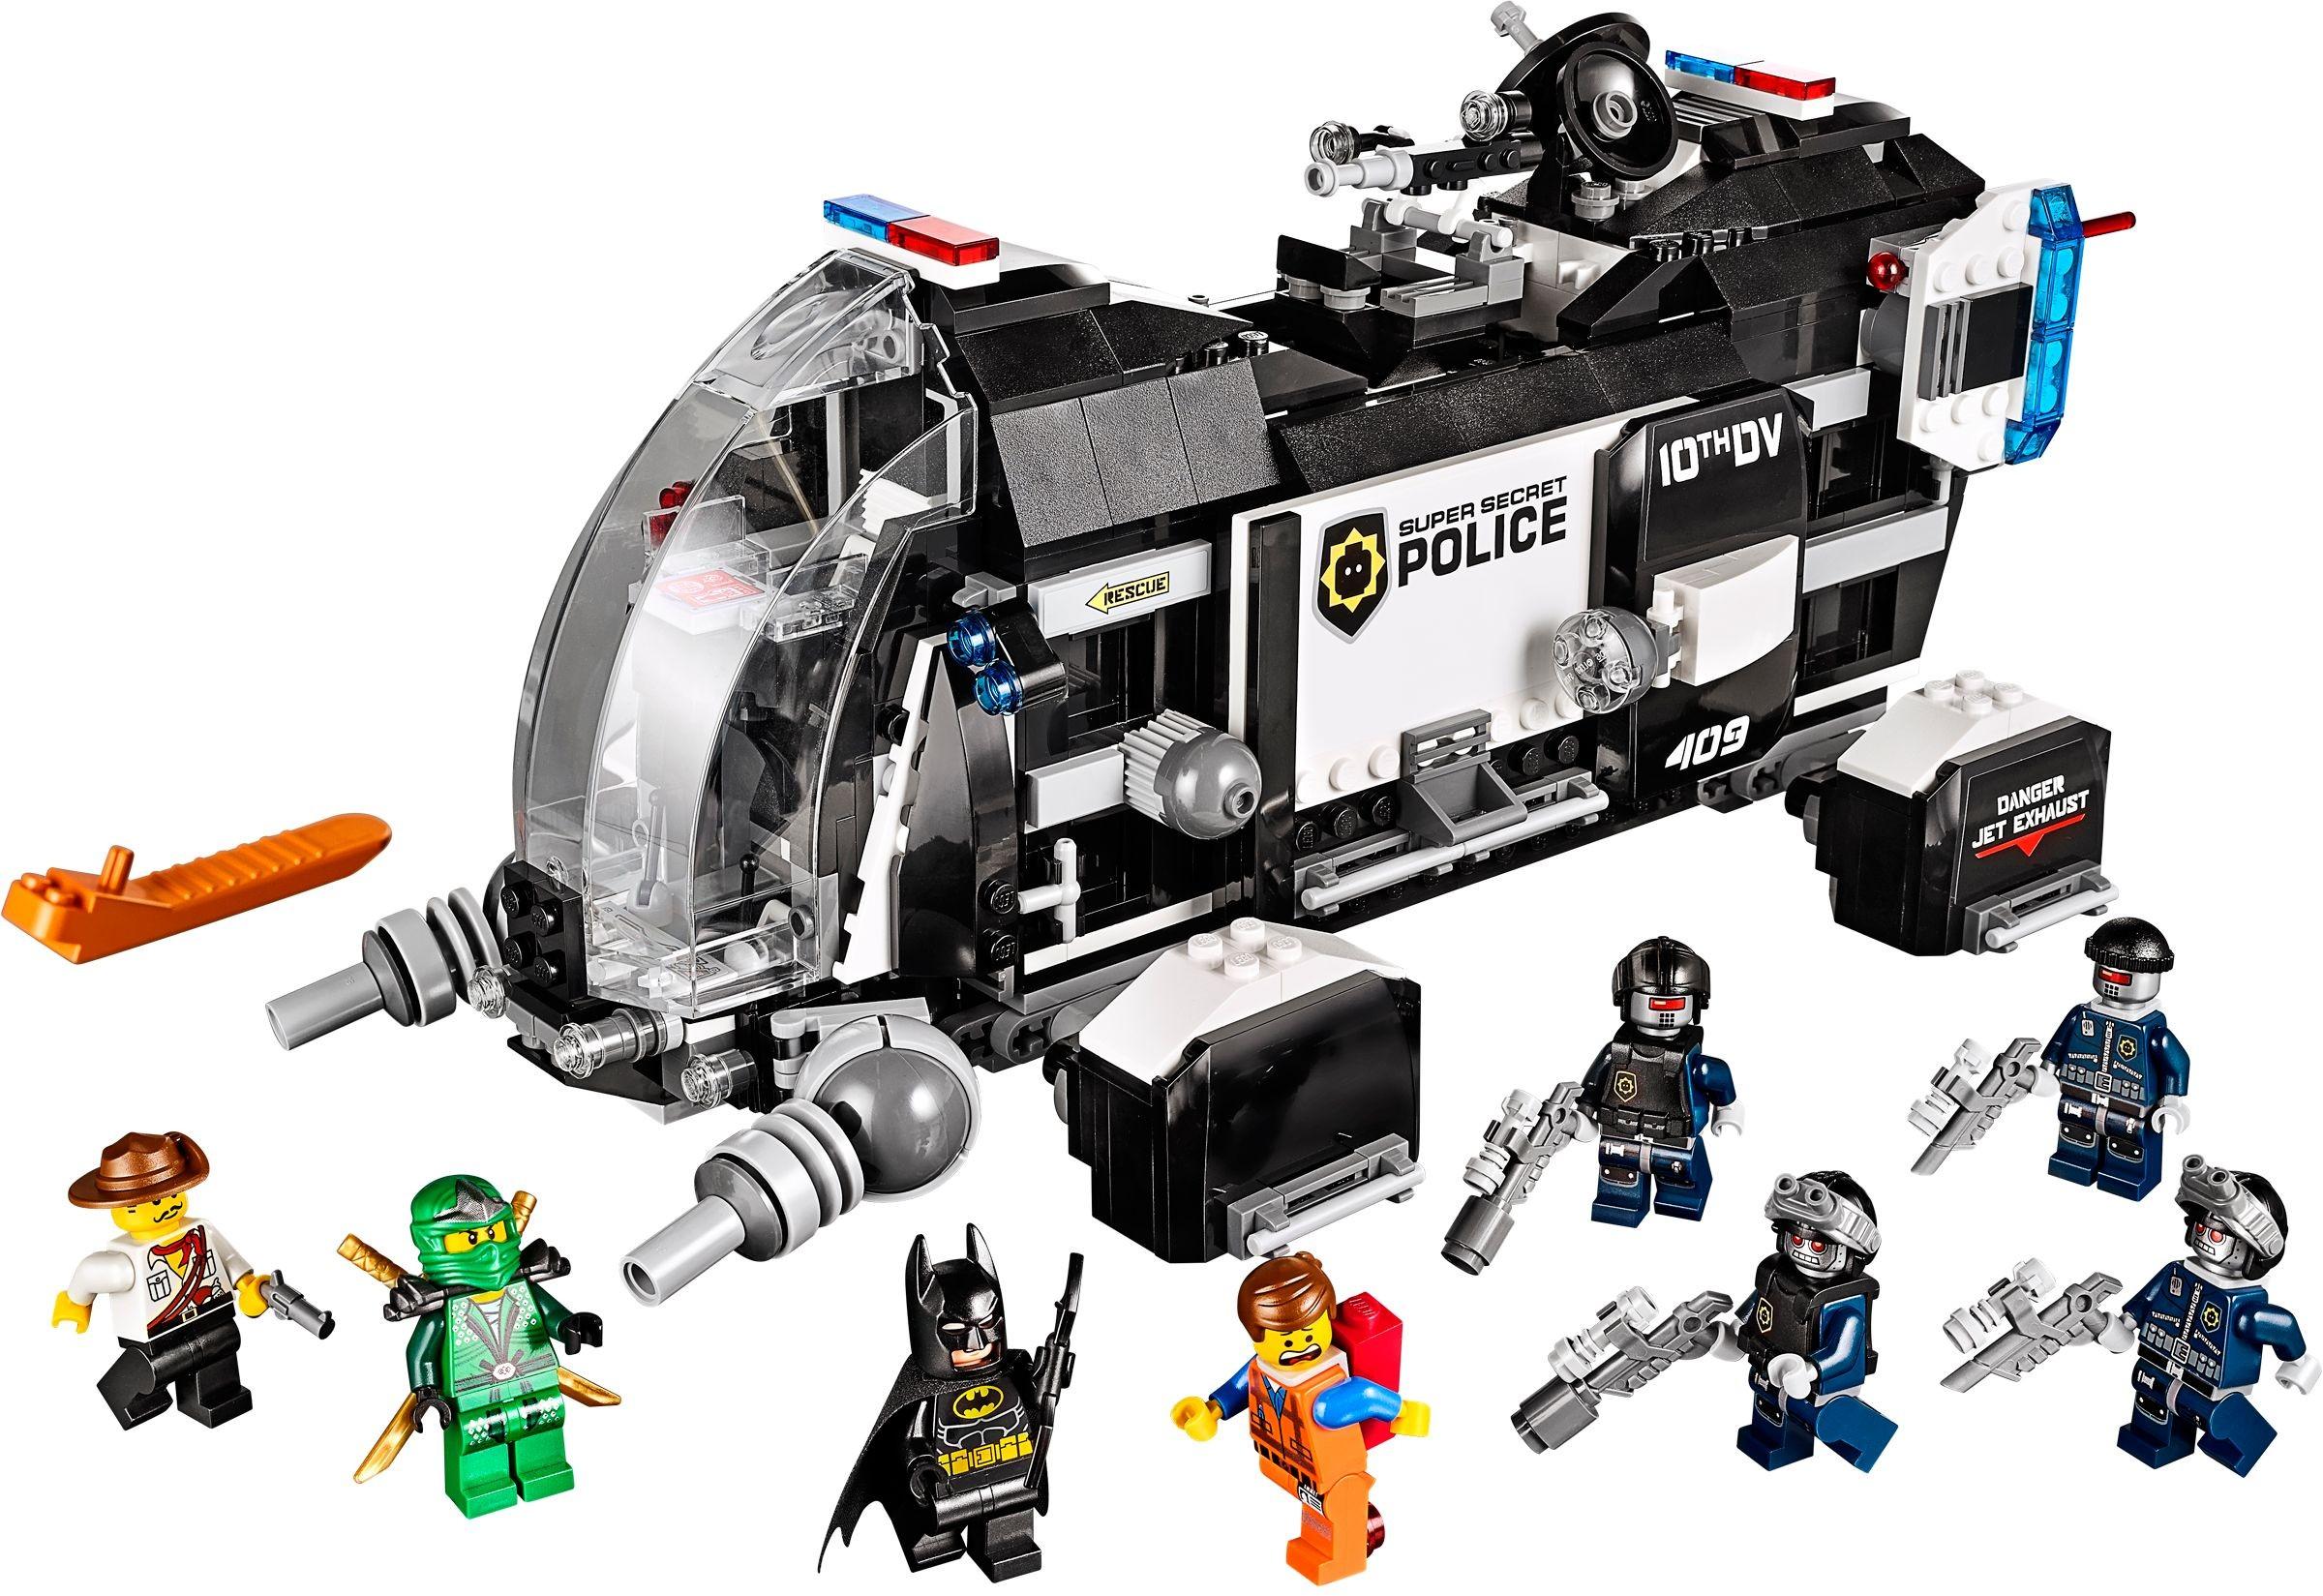 The Lego Movie Brickset Lego Set Guide And Database